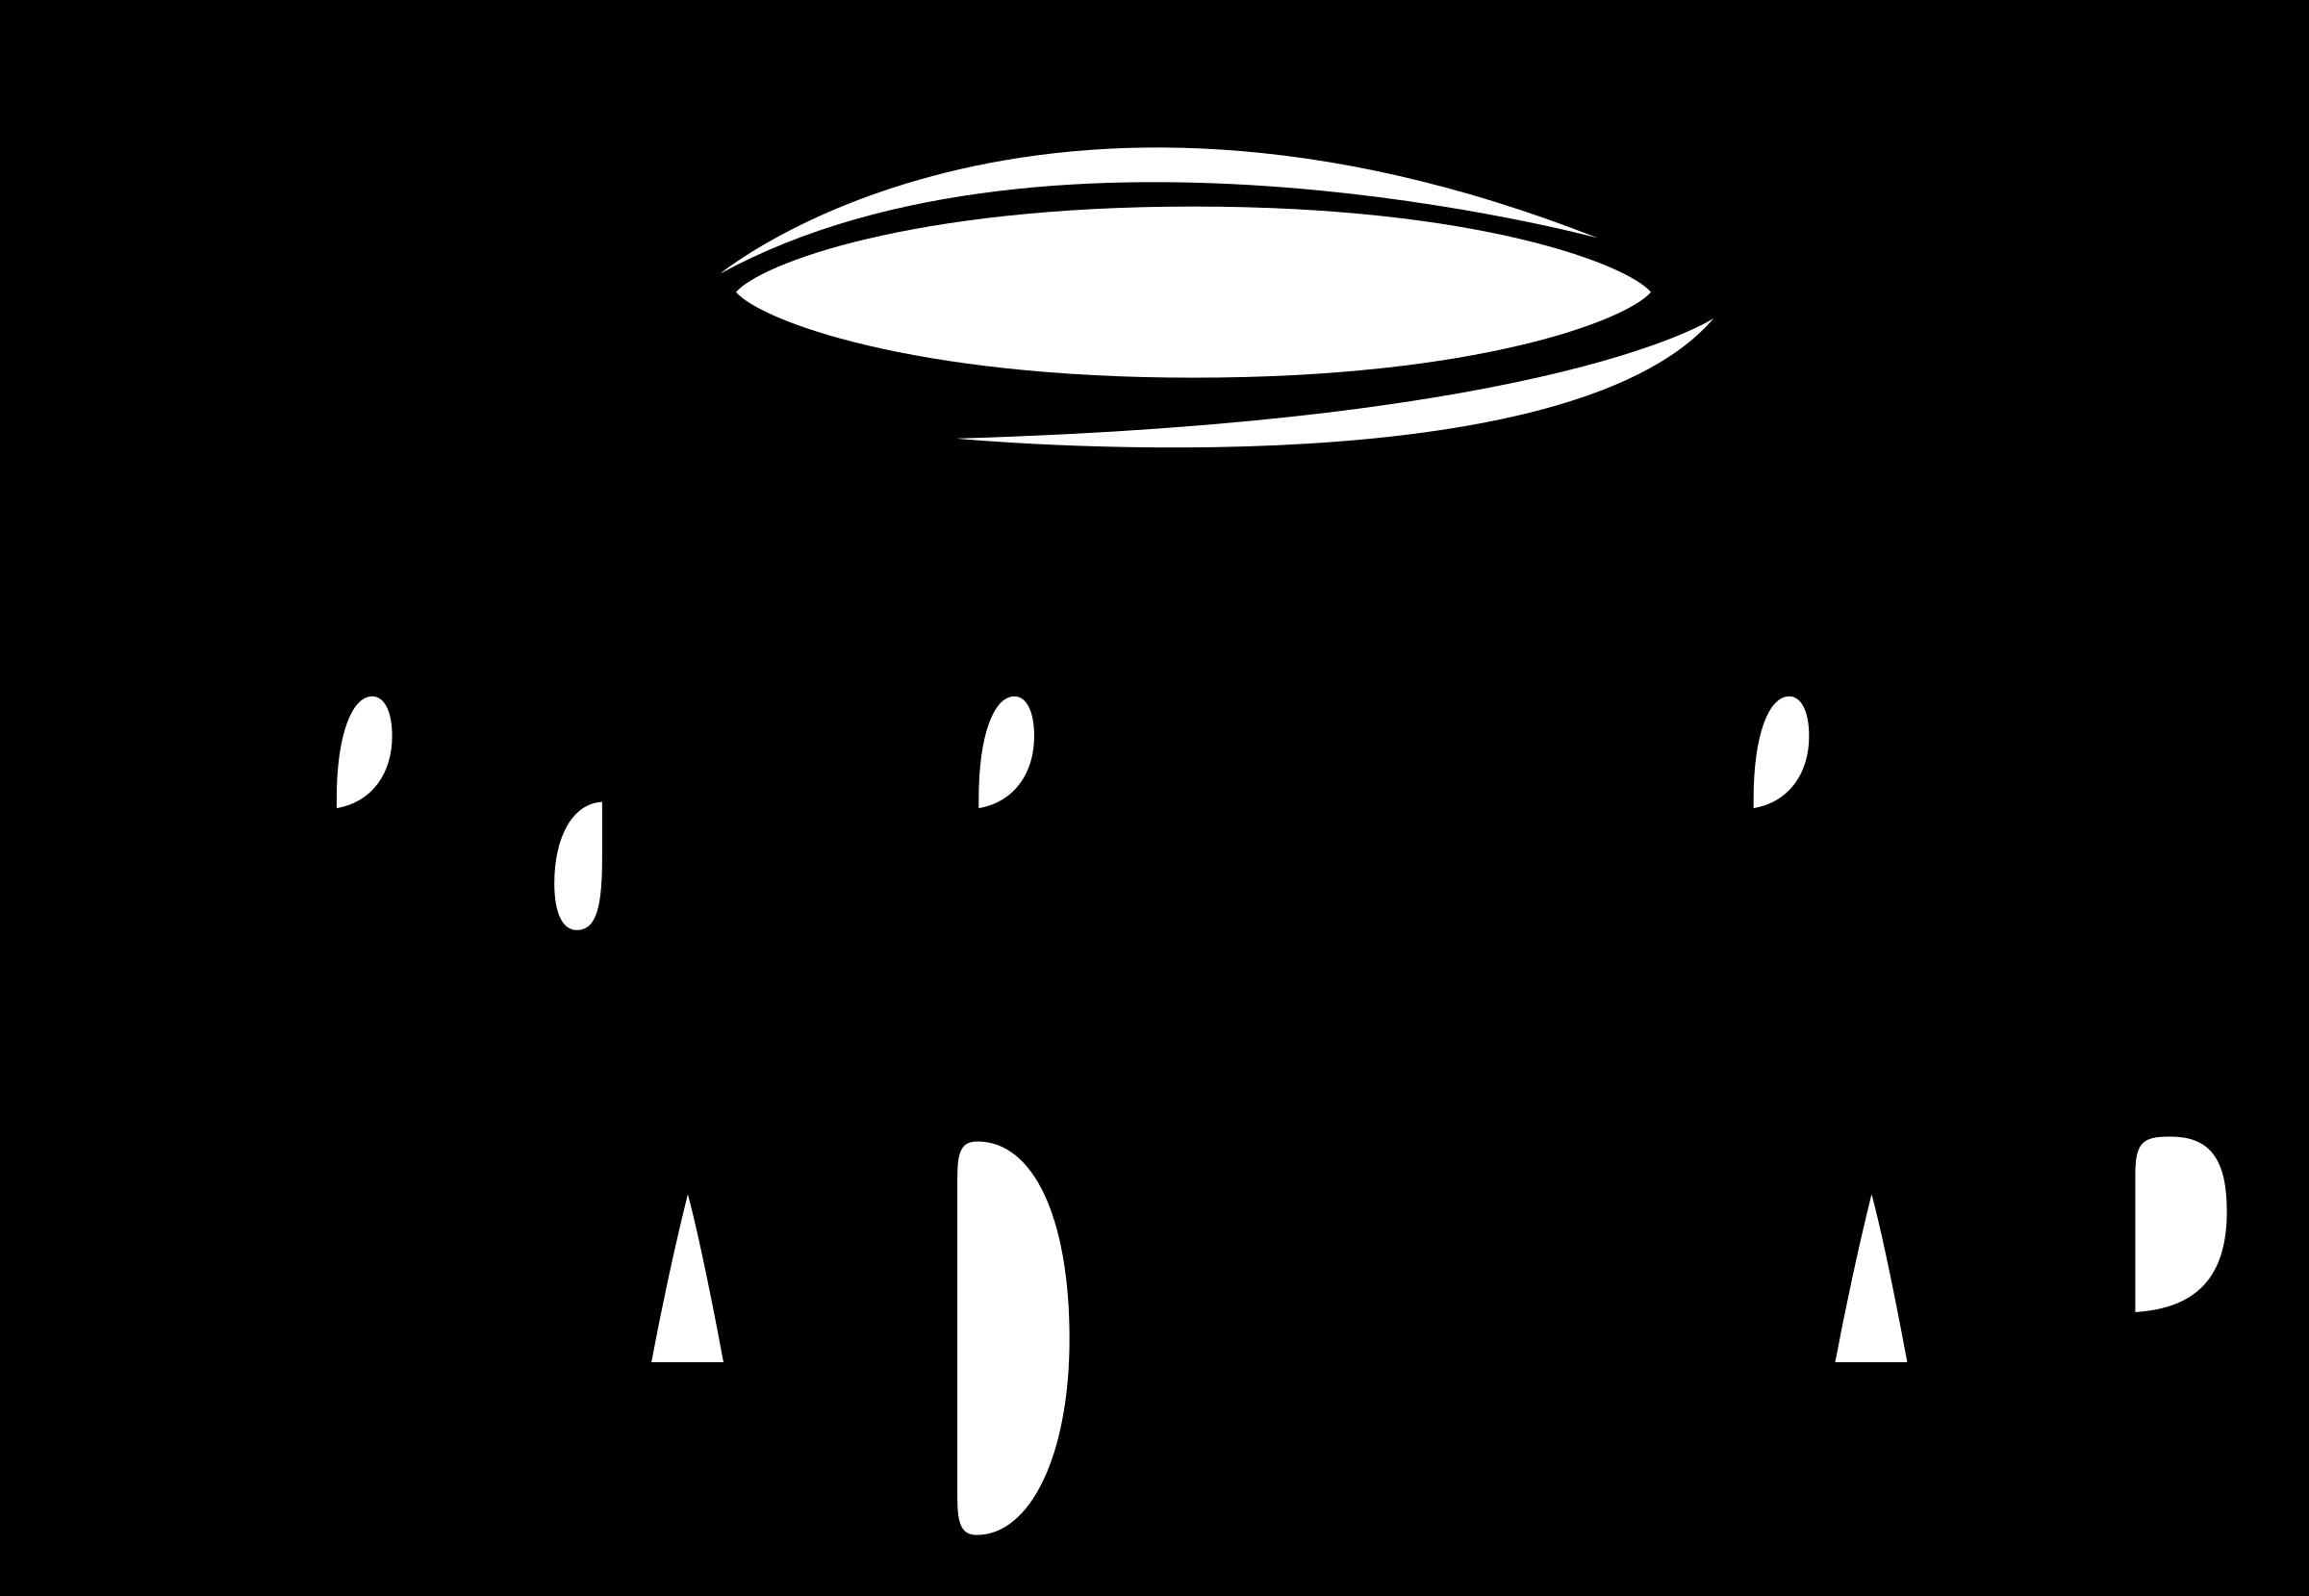 Heaven clipart svg. Sent logo png transparent